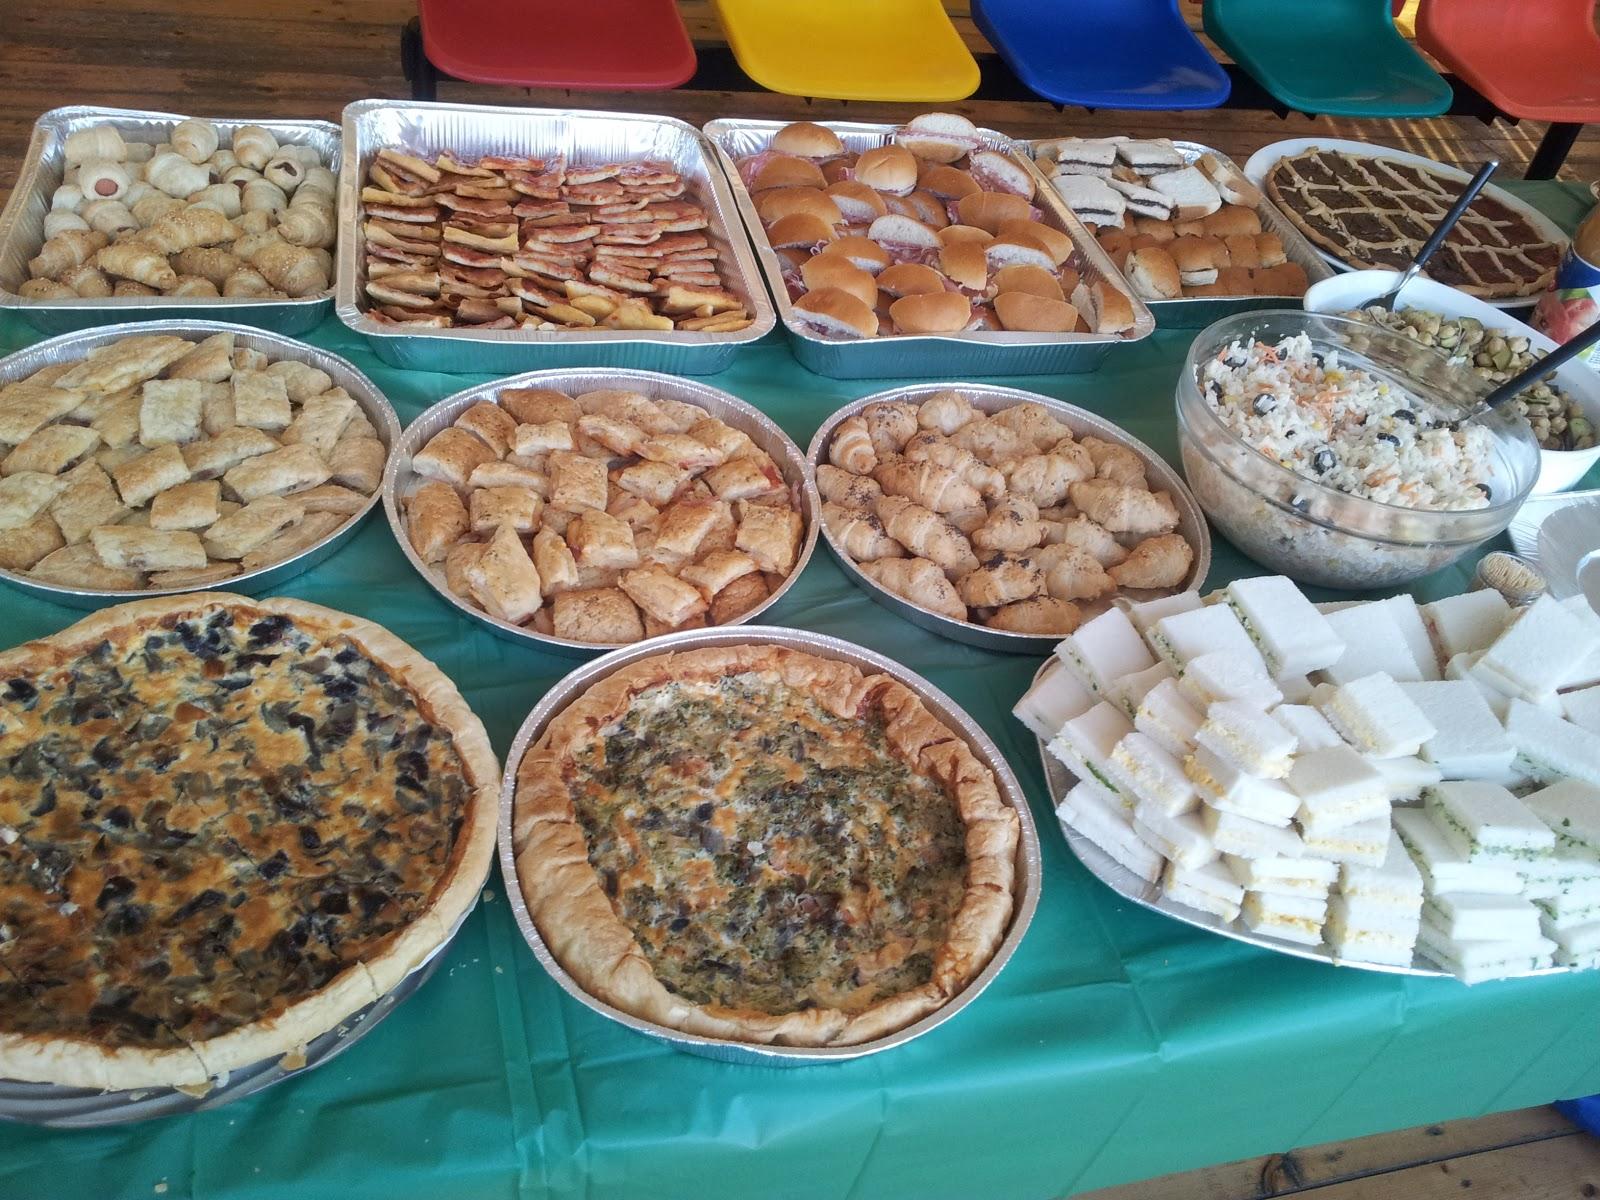 Eccezionale Buffet compleanno Asia | Cucino ma sarei a dieta!!! VT02